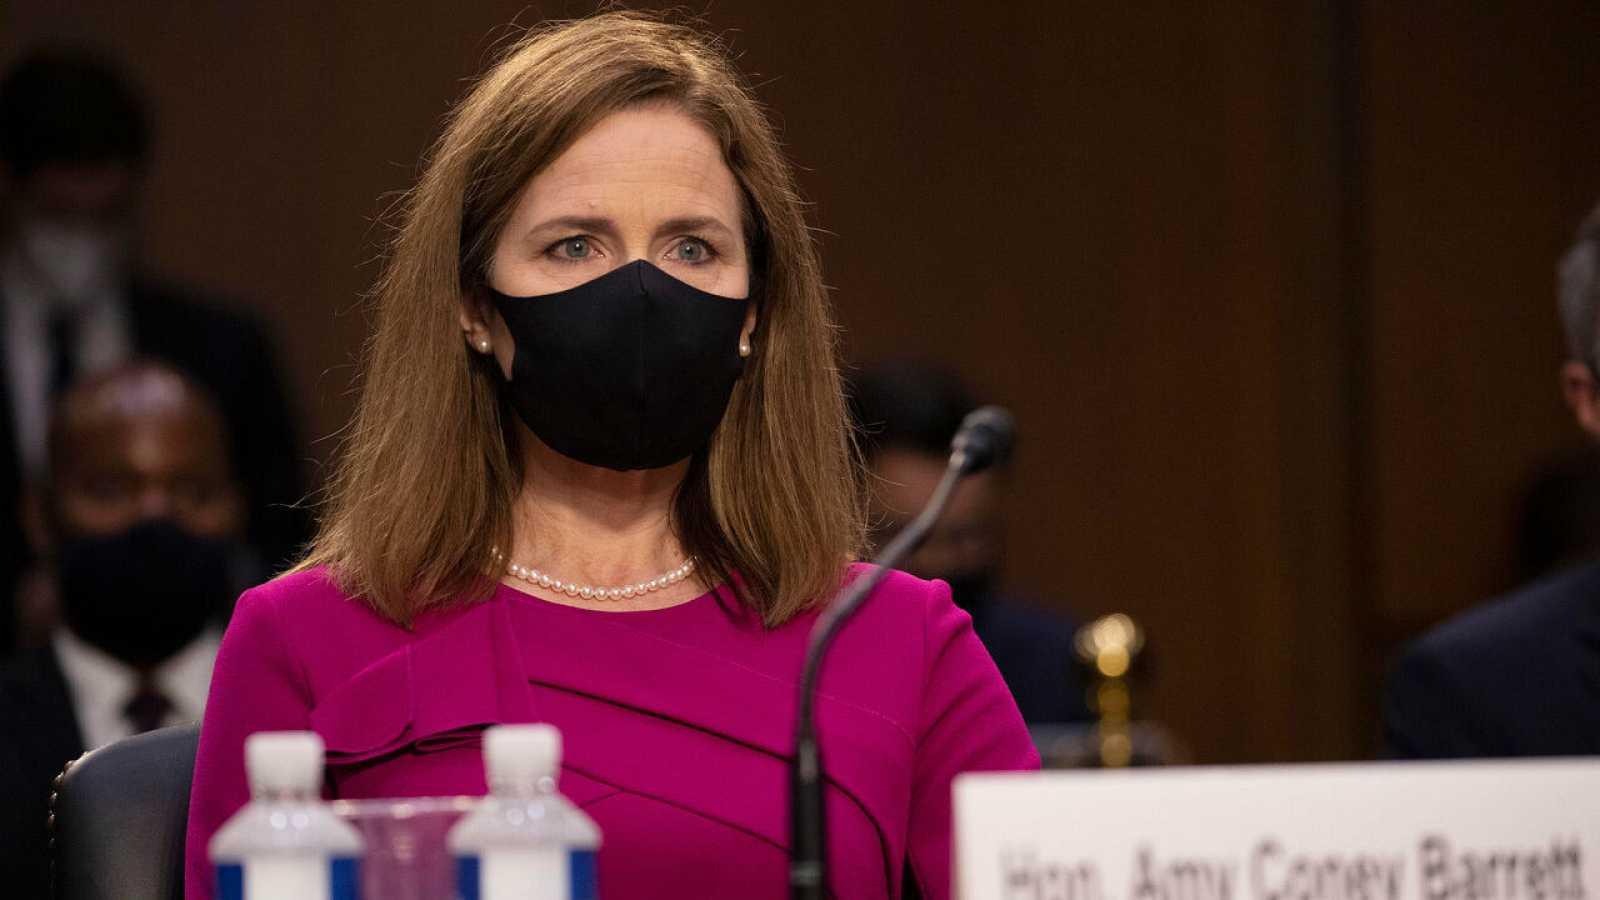 La juez nominada a la Corte Suprema Amy Coney Barrett participa en su audiencia de confirmación ante el Comité Judicial del Senado en el Capitolio en Washington, DC, Estados Unidos.